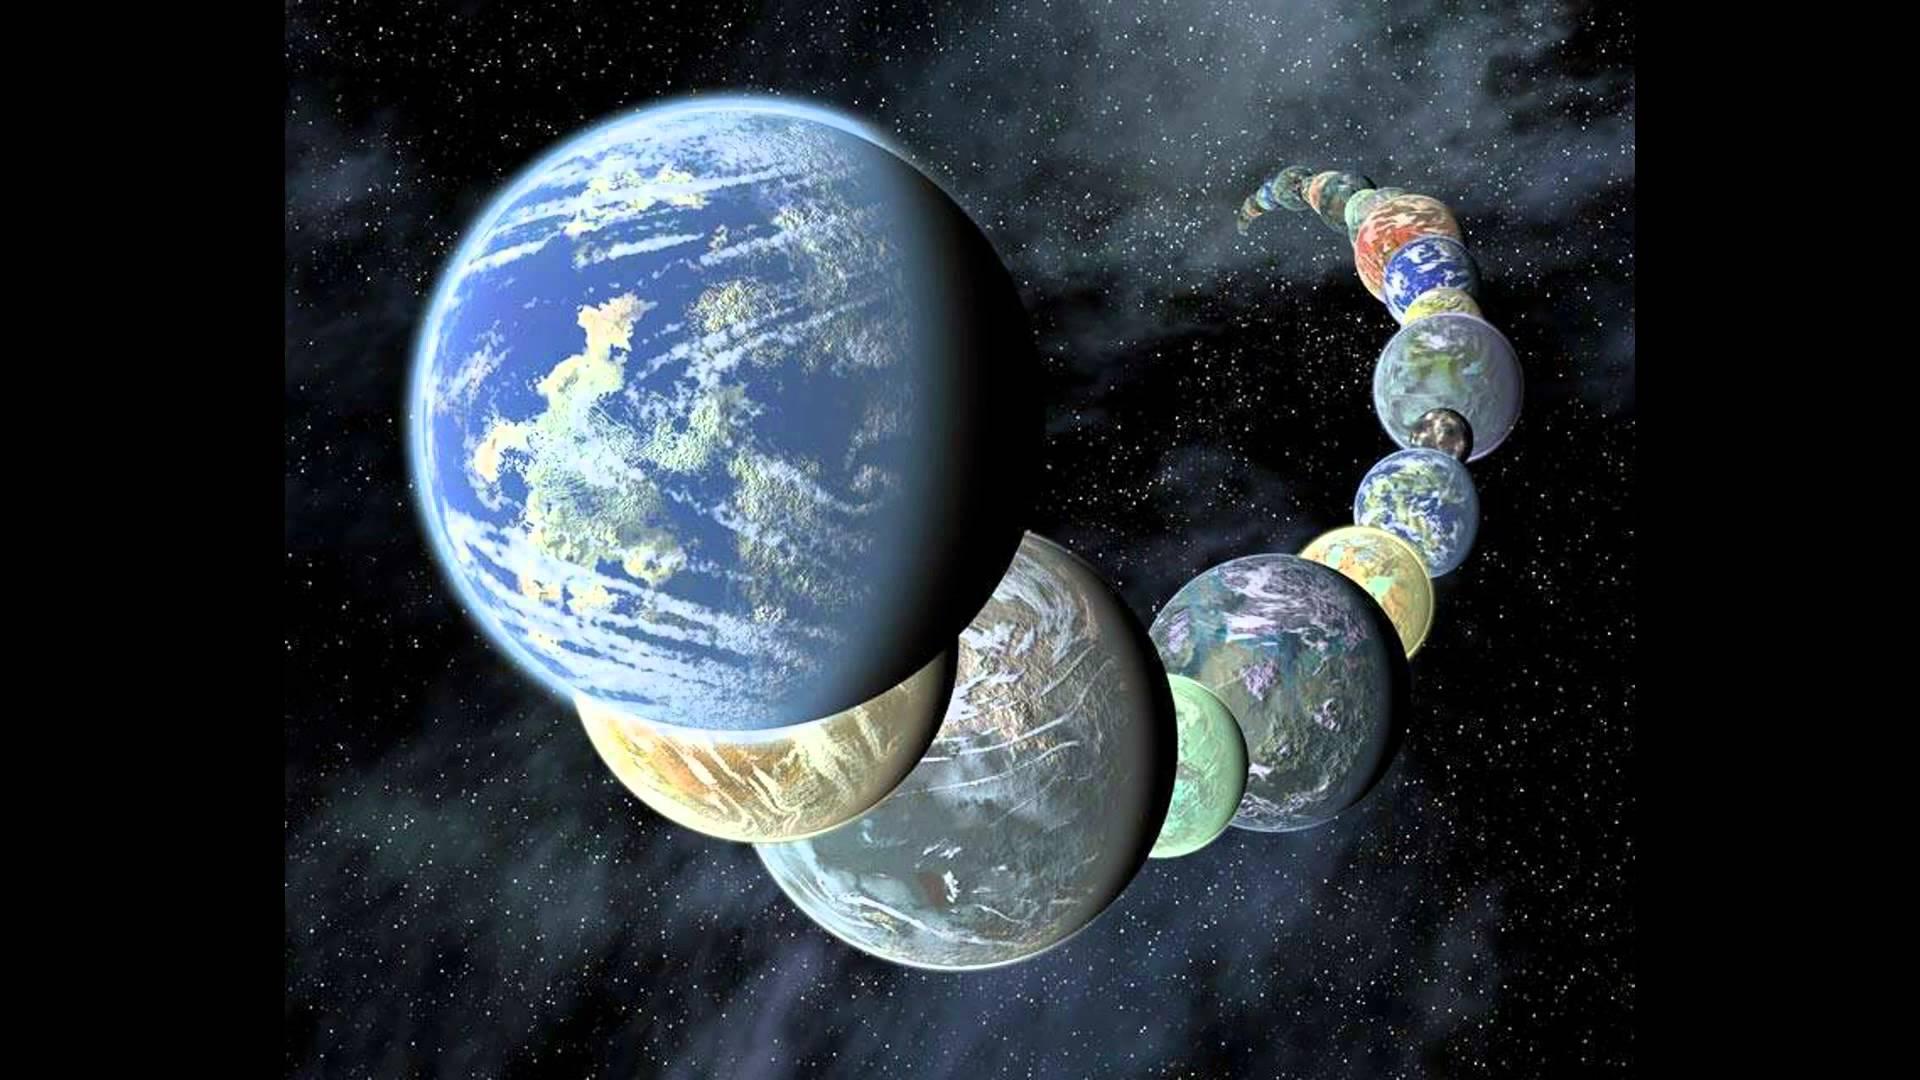 Открытки с Всемирным днём НЛО